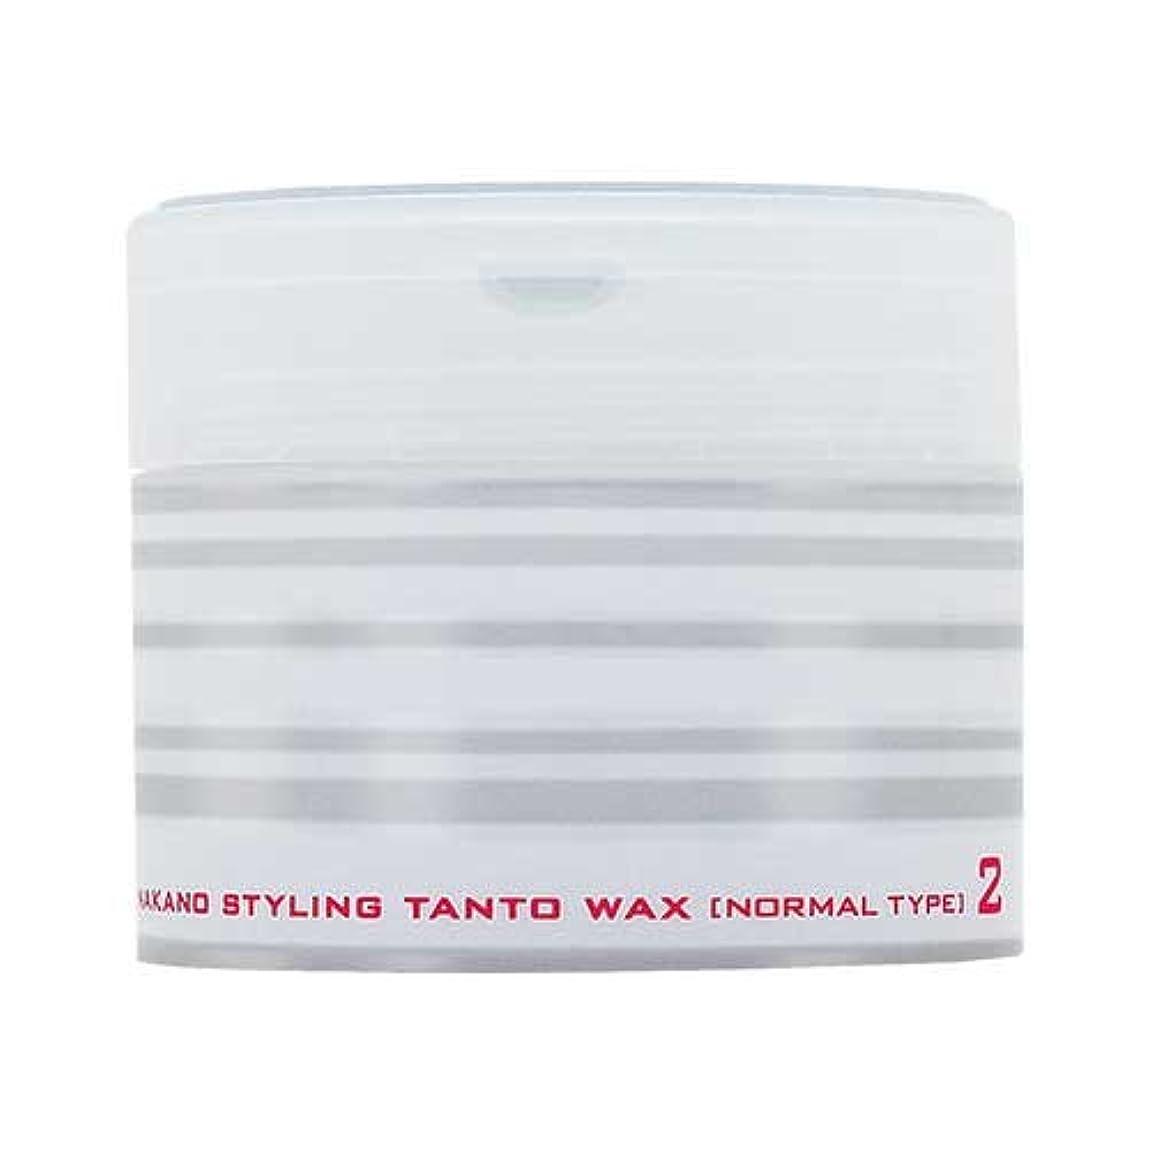 添加正義シリンダーナカノ スタイリング タントN ワックス 2 ノーマルタイプ 90g 中野製薬 NAKANO